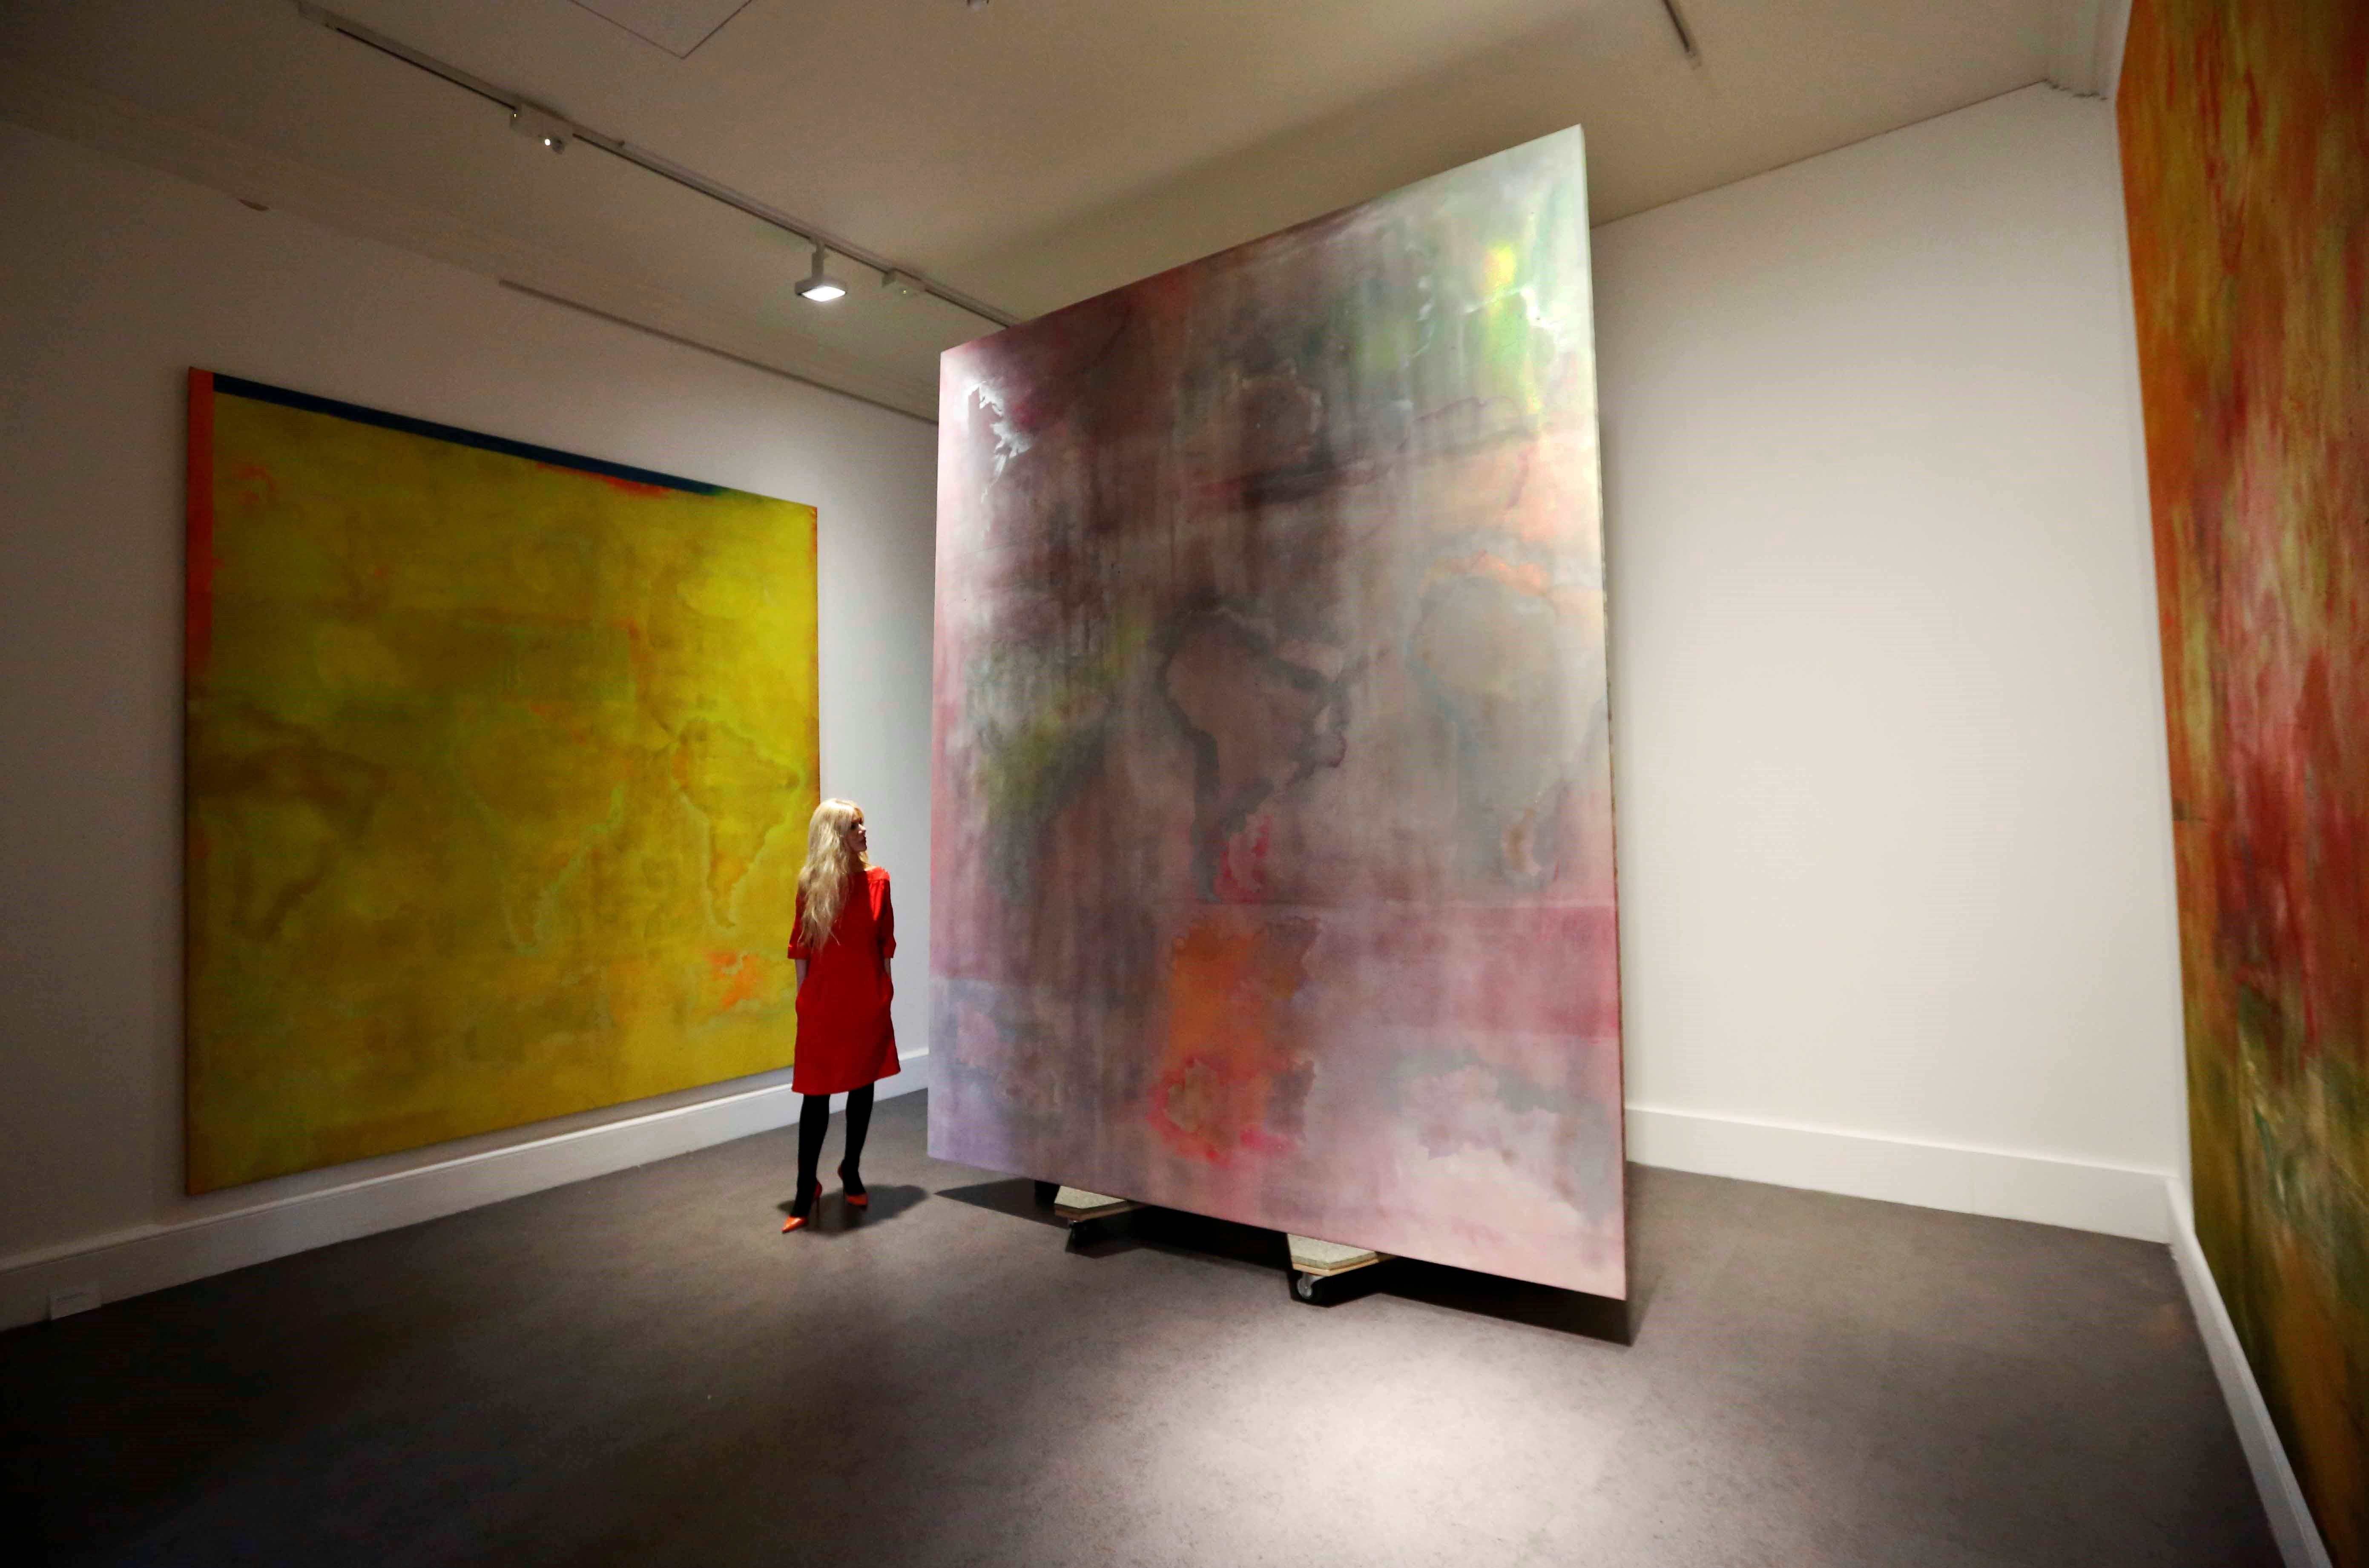 Frank Bowling, Mappa Mundi, 2018. Installation view IMMA. Photo: Sasko Lazarov